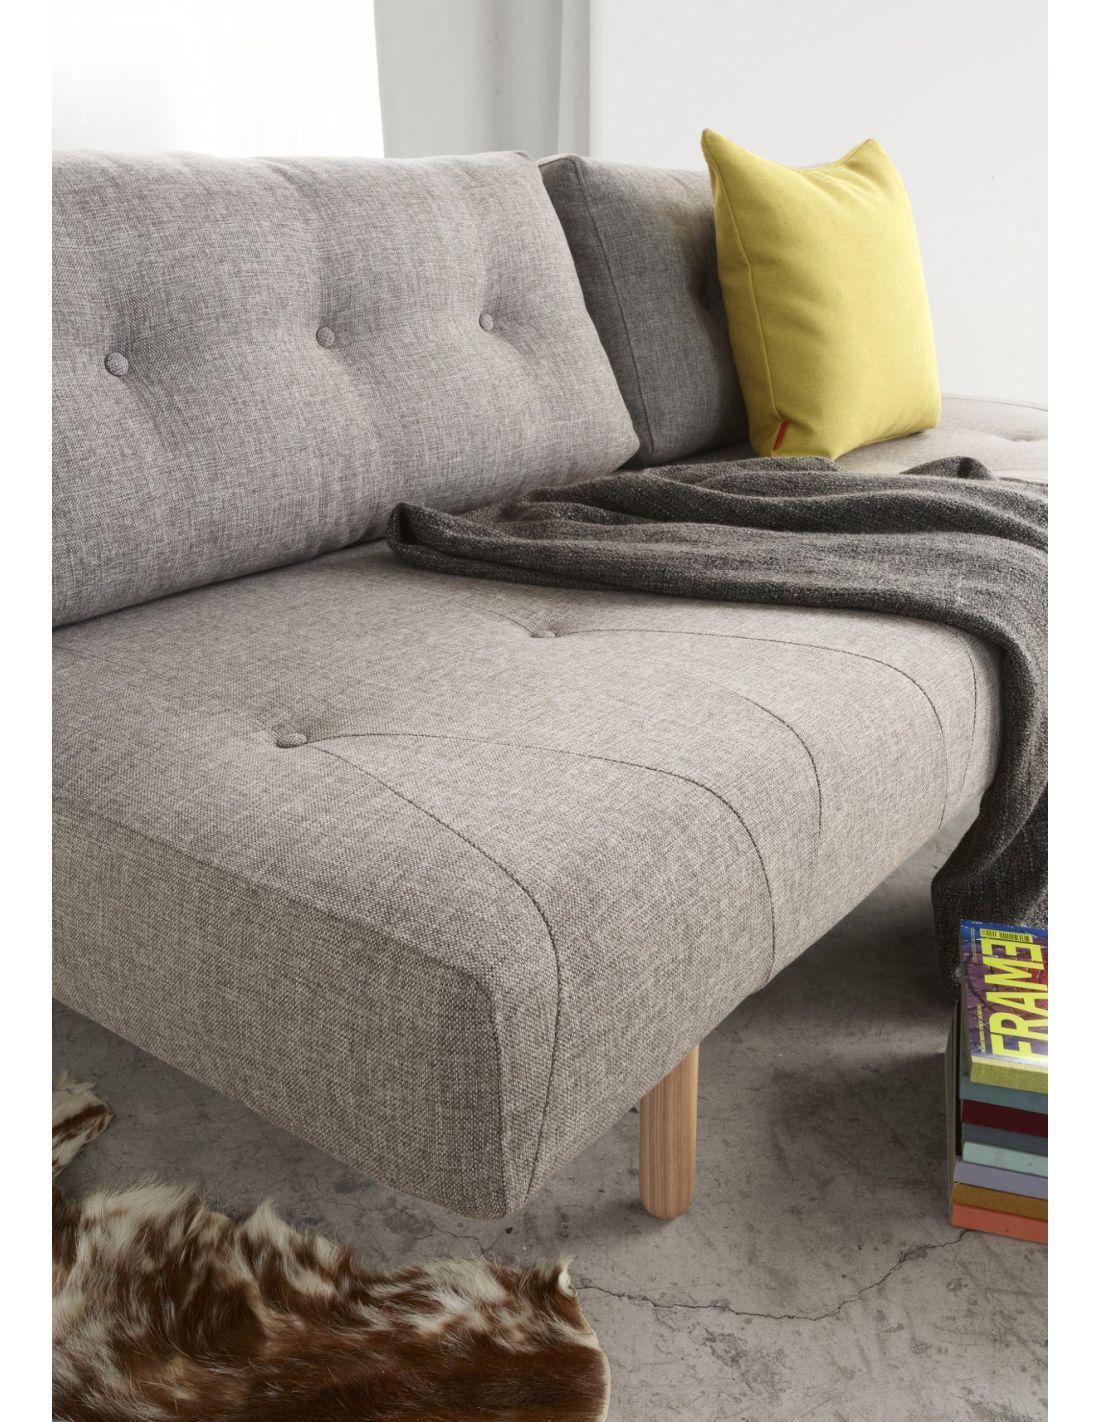 Divano letto rhomb matrimoniale in tessuto design moderno 200 cm - Divano letto matrimoniale prezzo ...